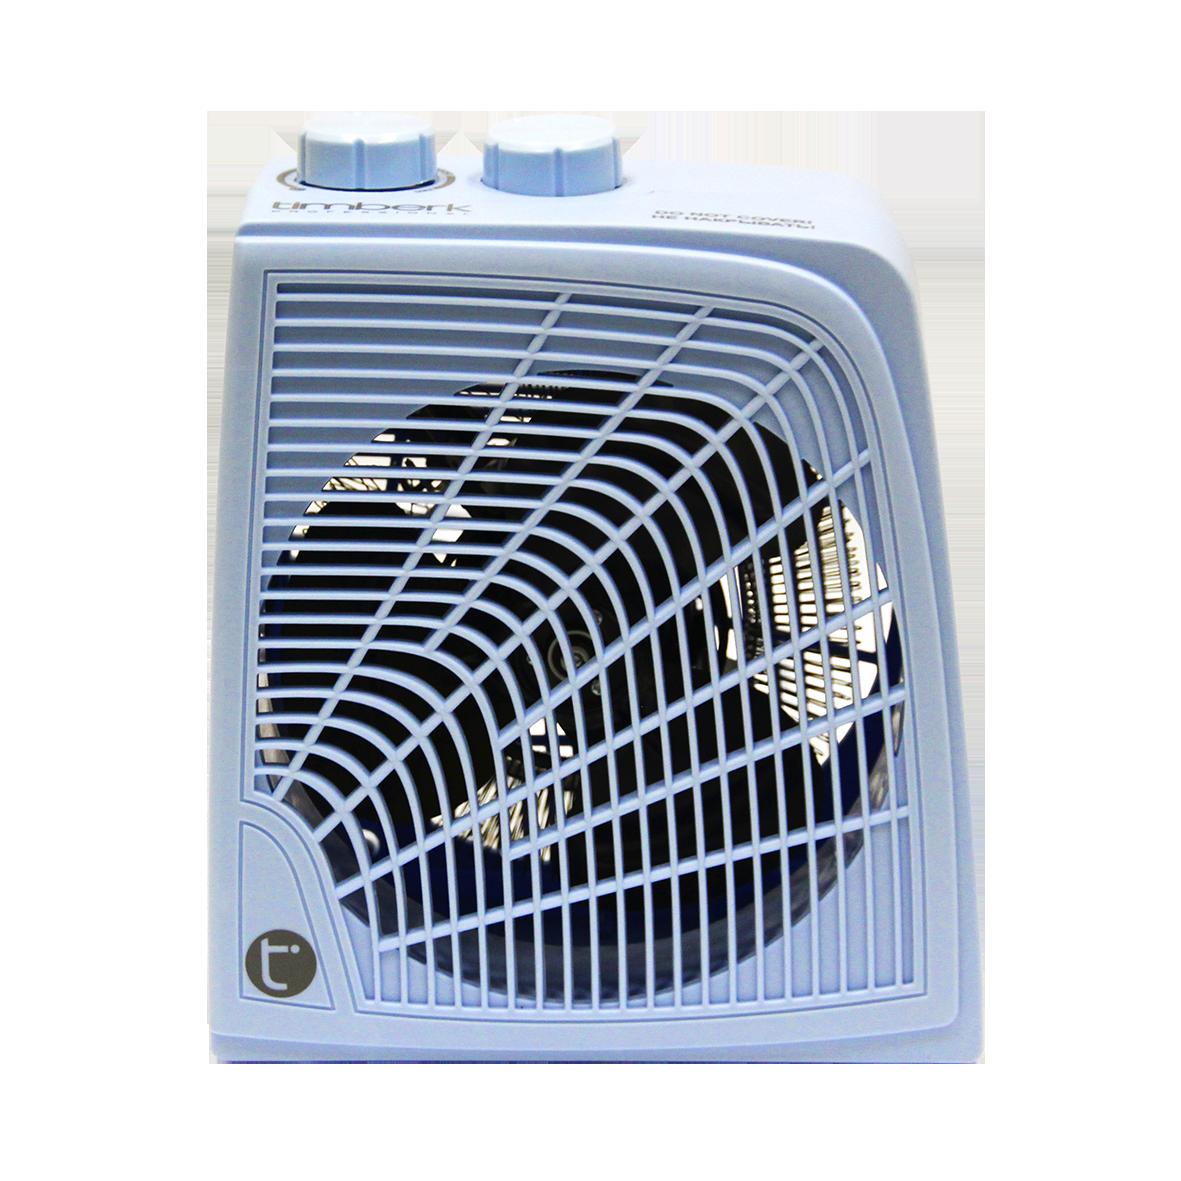 Тепловентилятор Timberk TFH S20QSS.GОбогреватели<br><br><br>Тип: термовентилятор<br>Тип нагревательного элемента: электрическая спираль<br>Площадь обогрева, кв.м: 22<br>Вентиляция без нагрева: есть<br>Отключение при перегреве: есть<br>Вентилятор : есть<br>Управление: механическое<br>Регулировка температуры: есть<br>Термостат: есть<br>Габариты: 200x115x235 мм